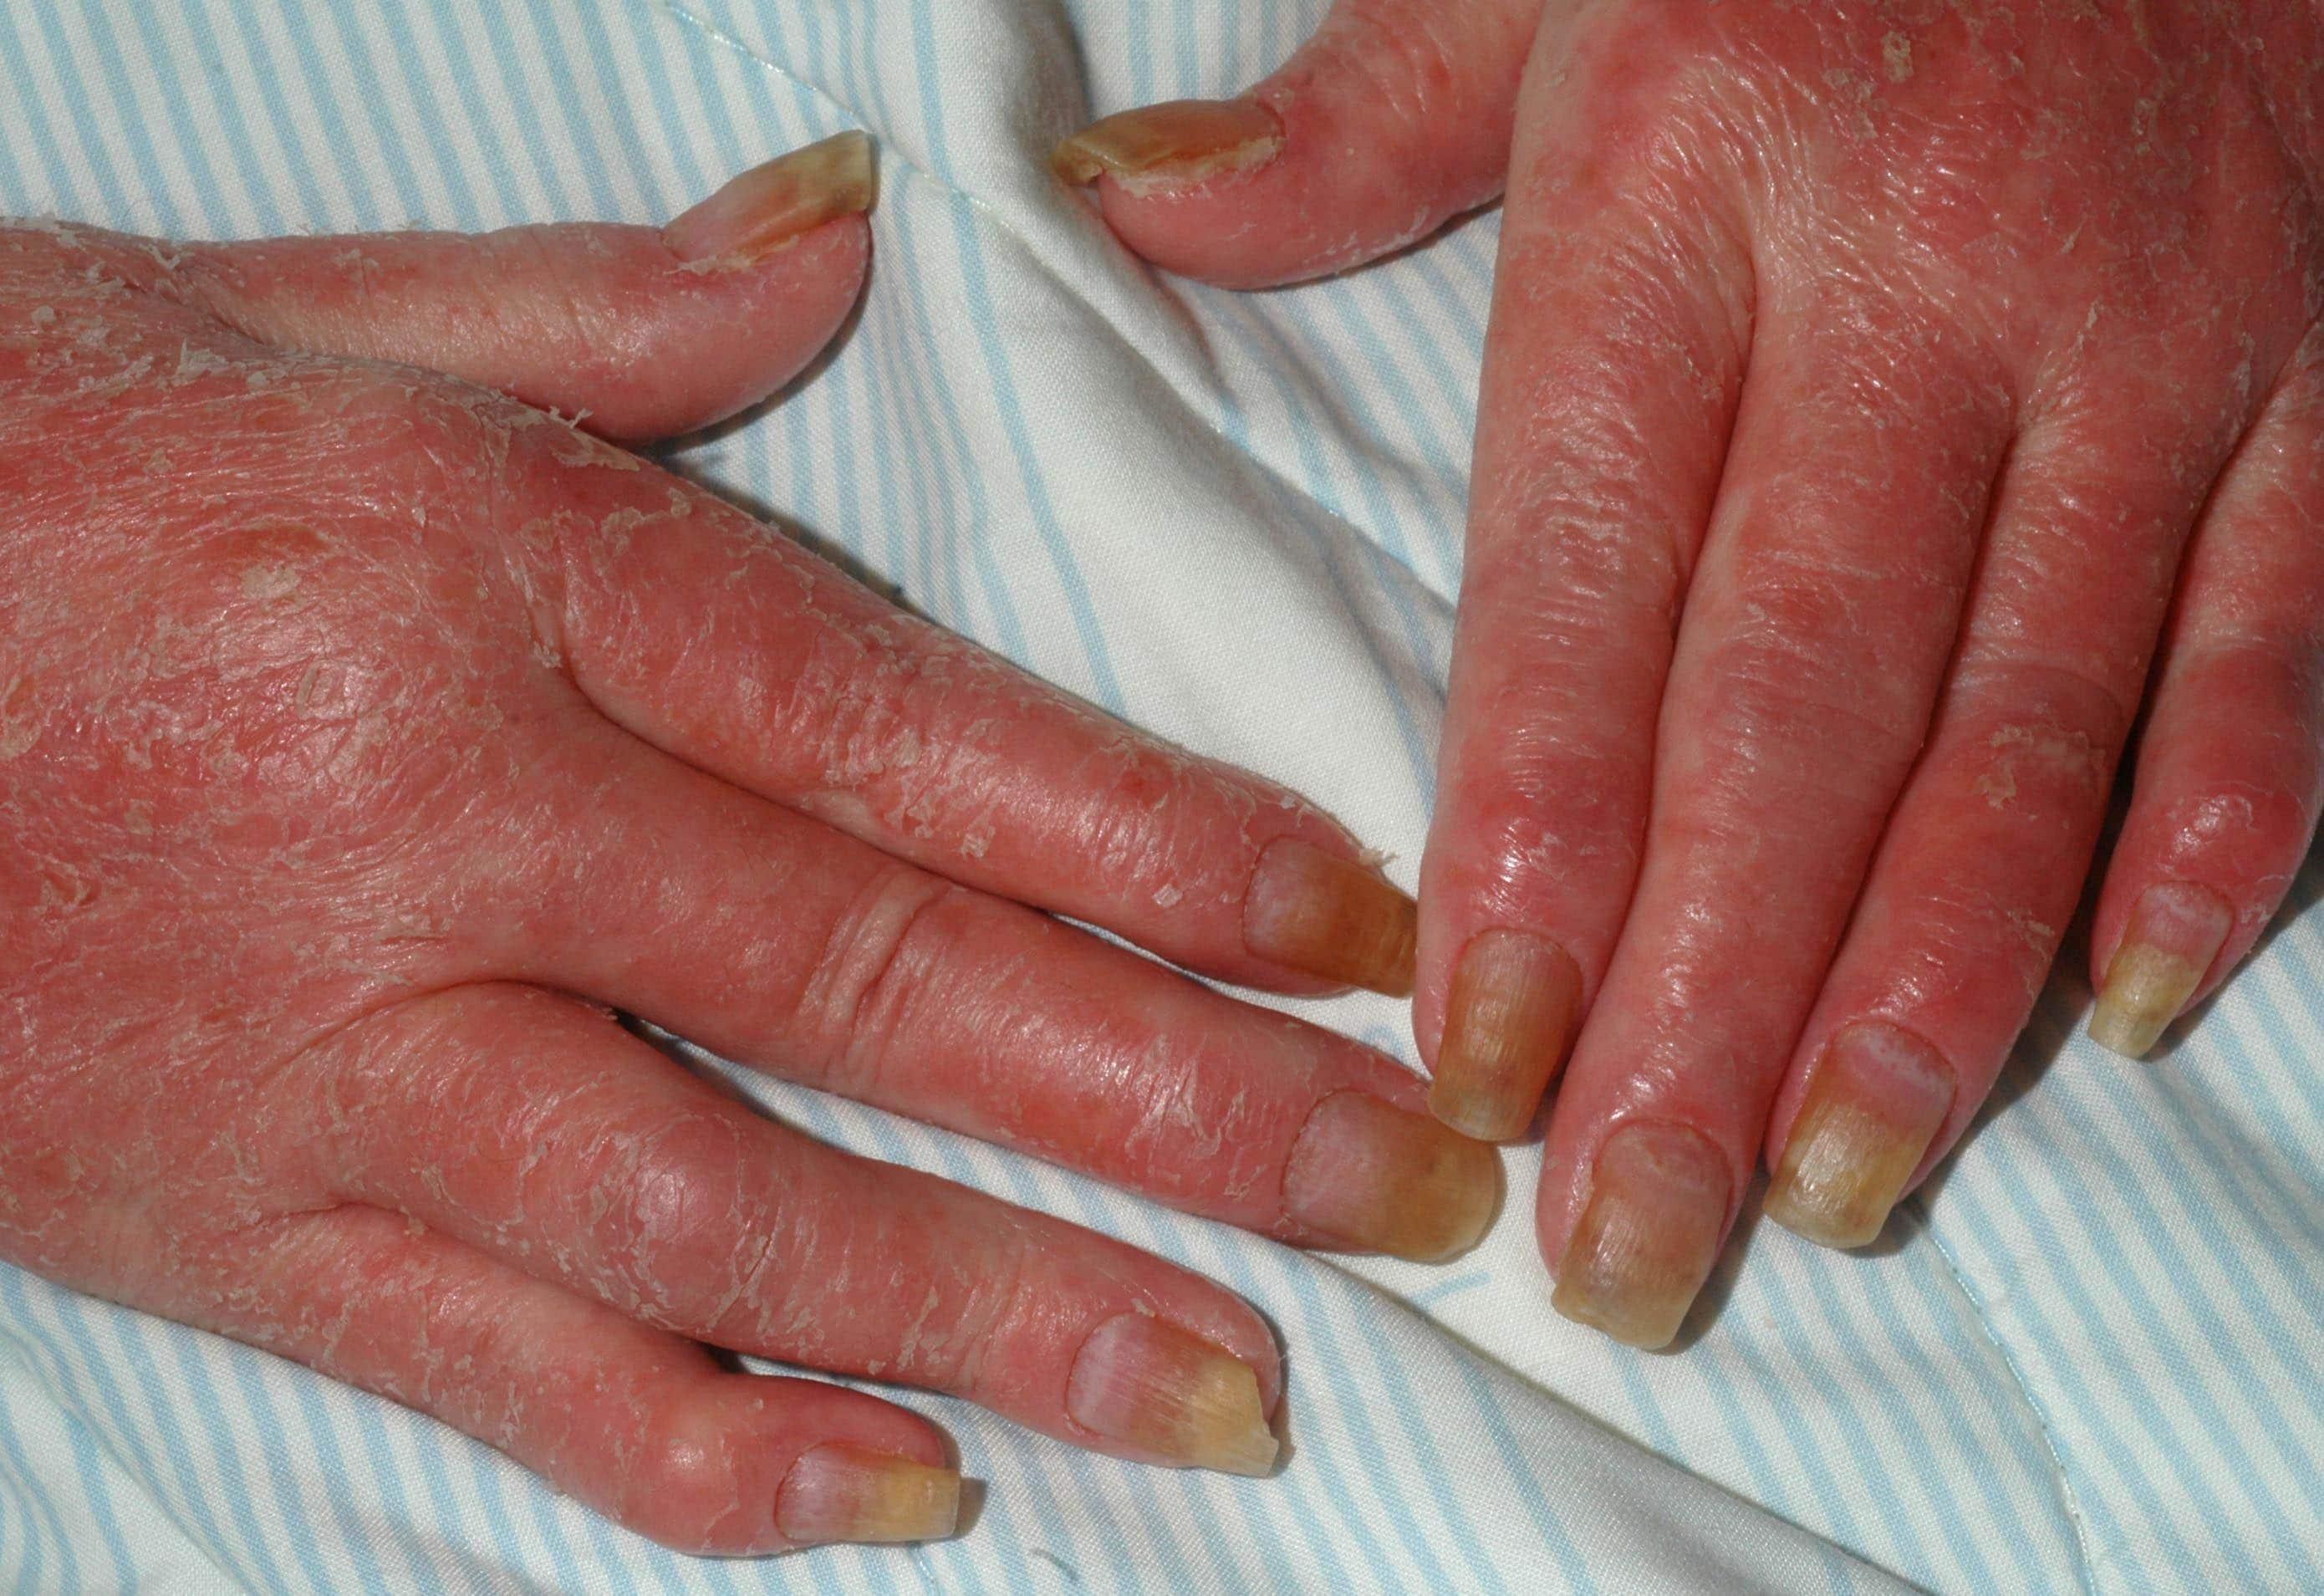 fjällar på fingrarna